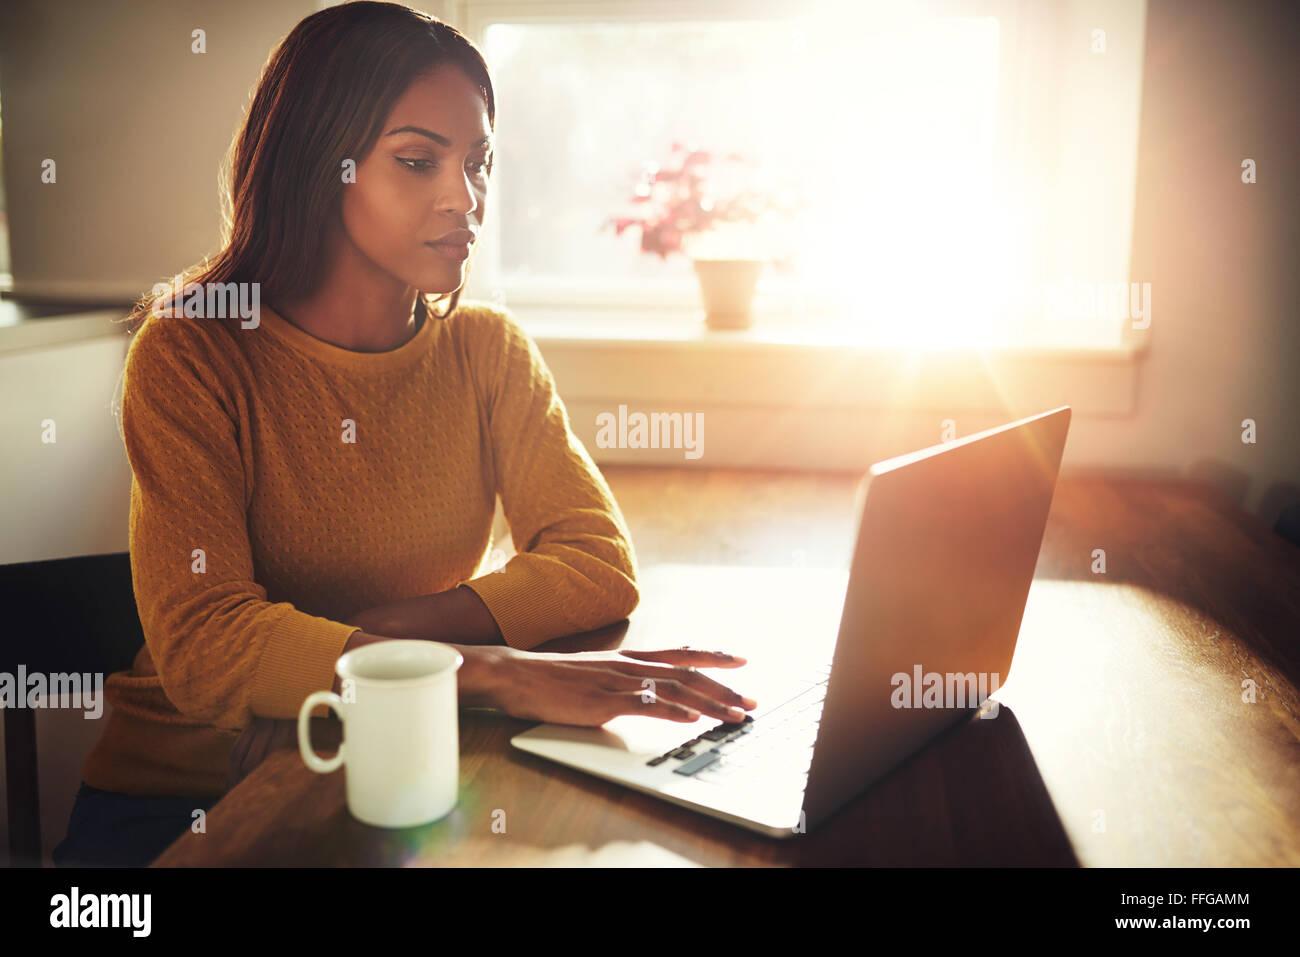 Precioso único hembra negro sentado en la mesa con la copa y escribiendo en el portátil con el brillante Imagen De Stock